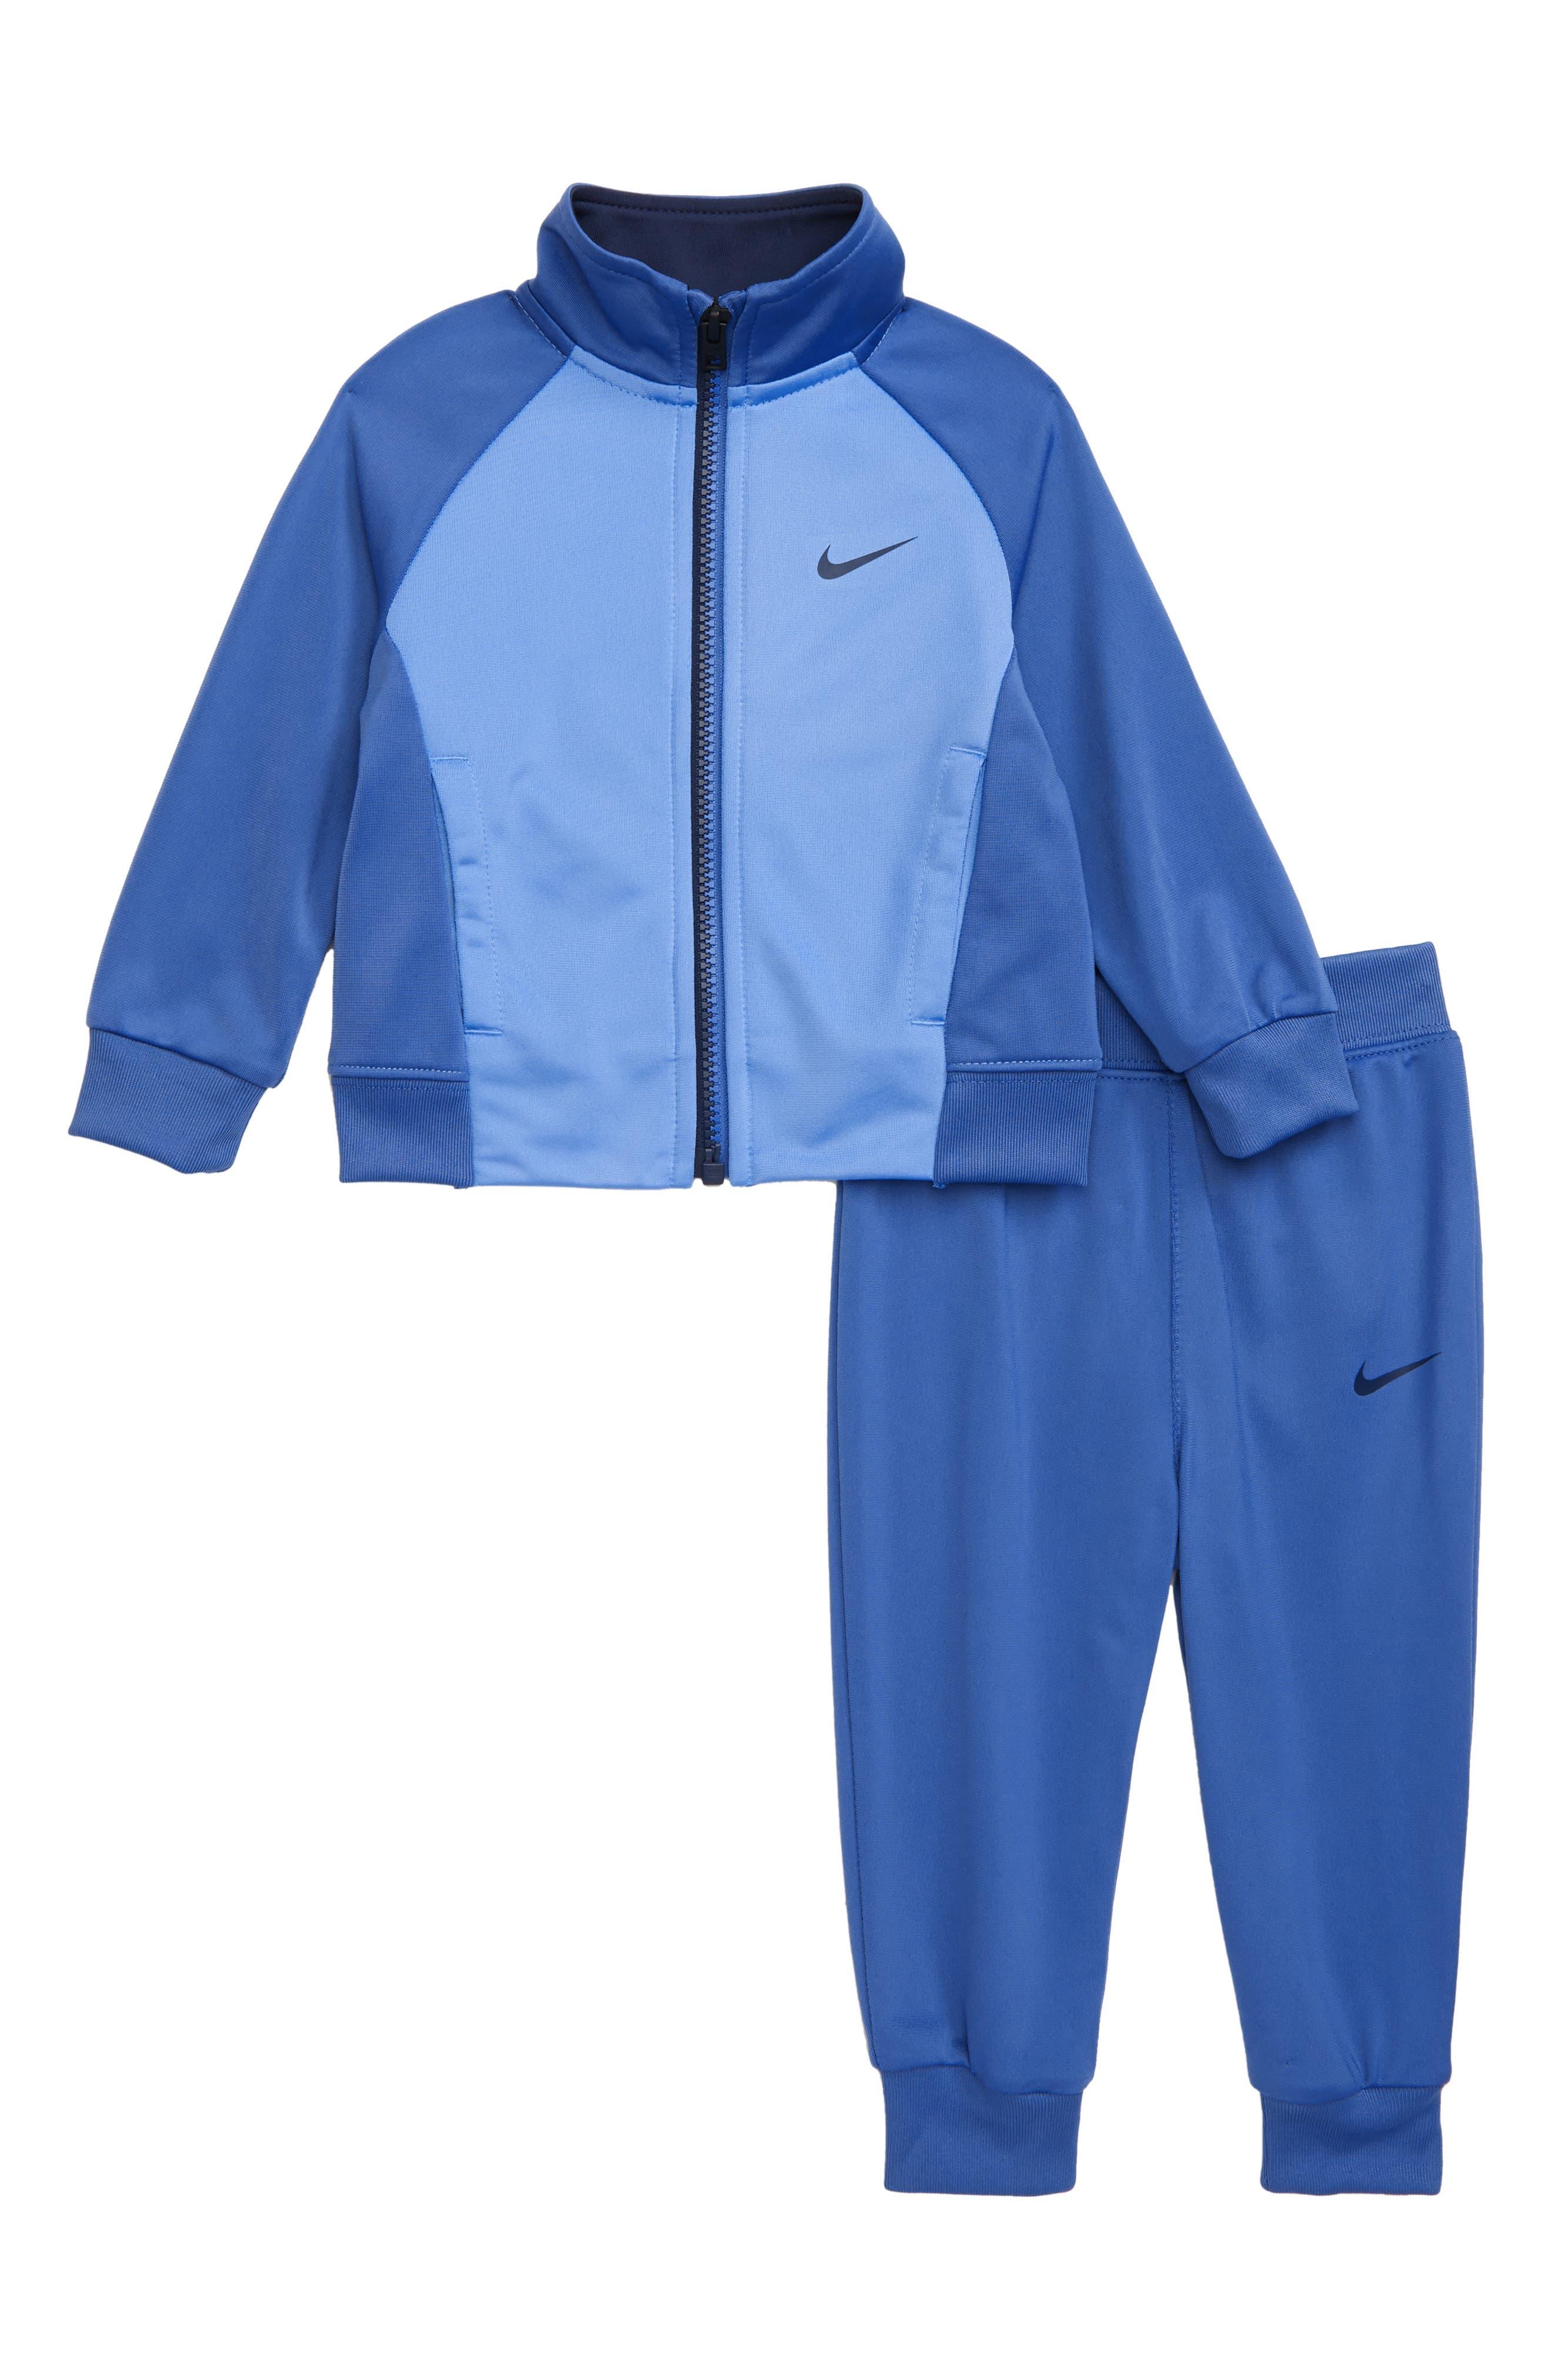 Infant Boys Nike Colorblock Tricot Track Suit Set